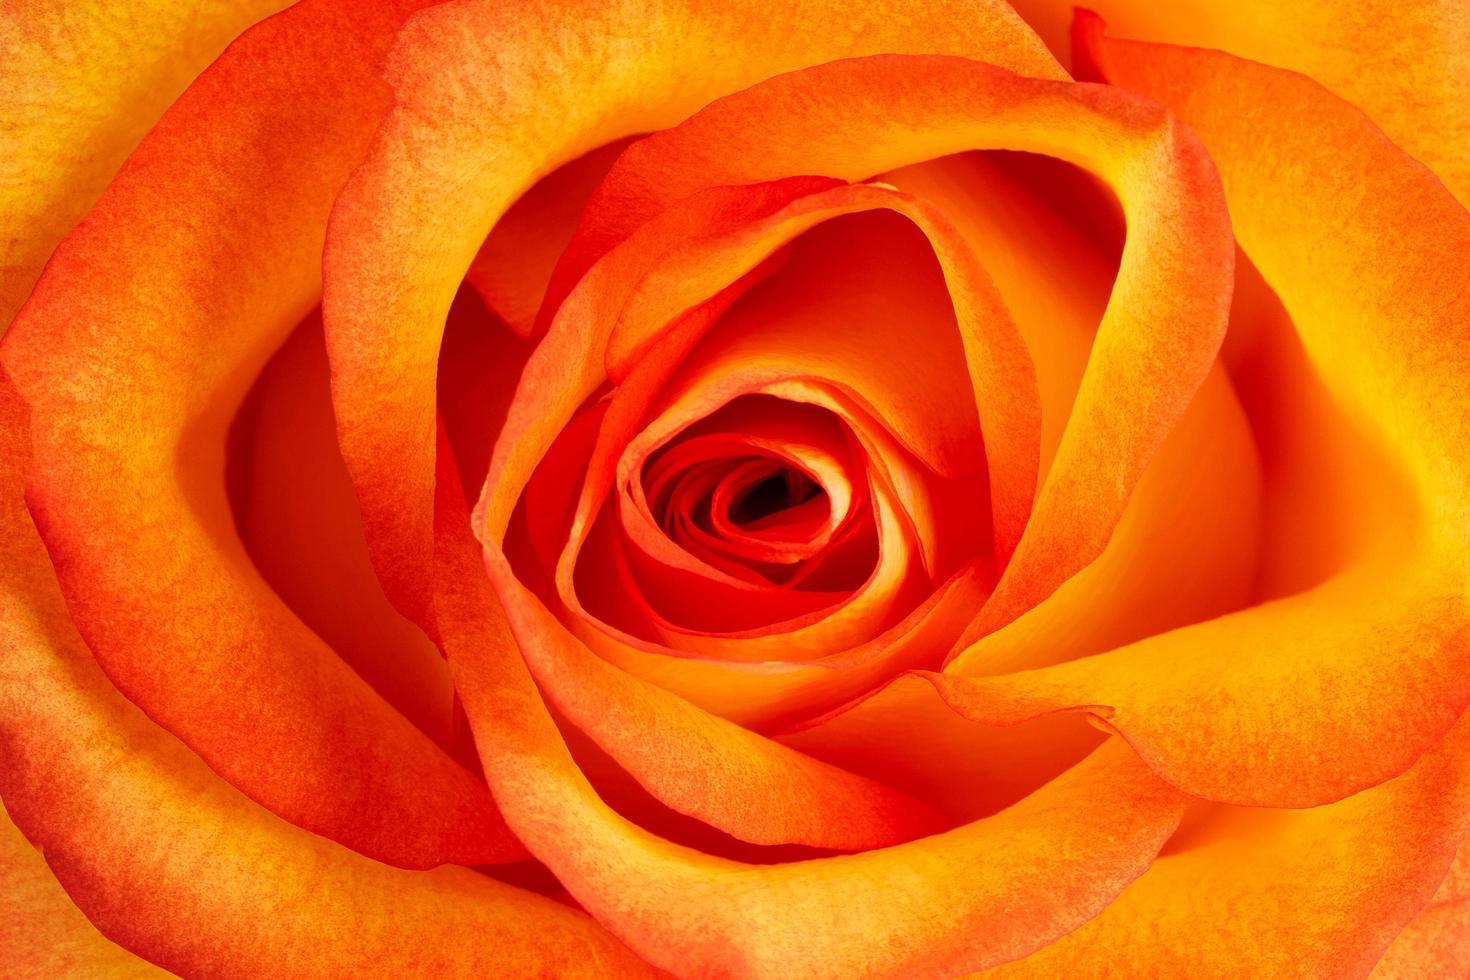 fondo de rosa naranja fresca foto